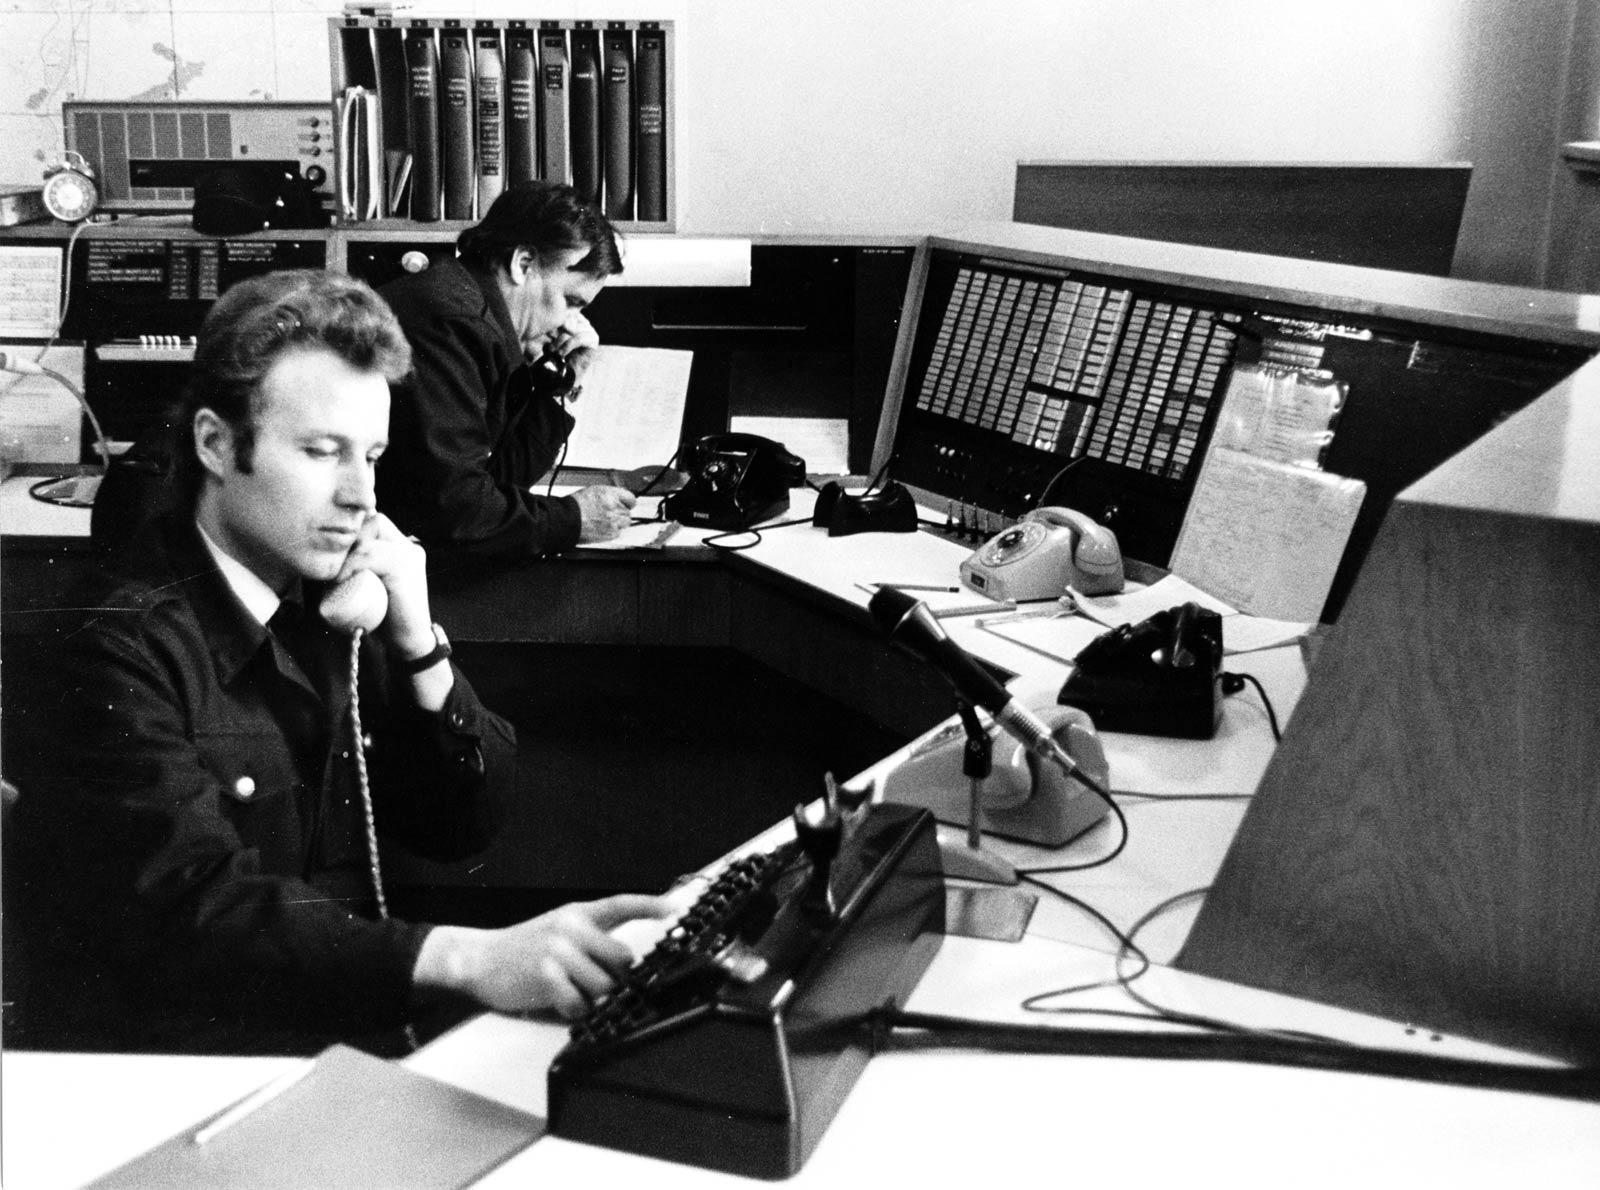 Tampereen palolaitoksen hälytyskeskus sijaitsi keskuspaloaseman yhteydessä. Oman palokunnan yksiköille annettiin 546 palo- tai pelastustehtävää sekä 1826 sairaankuljetusta vuonna 1973.